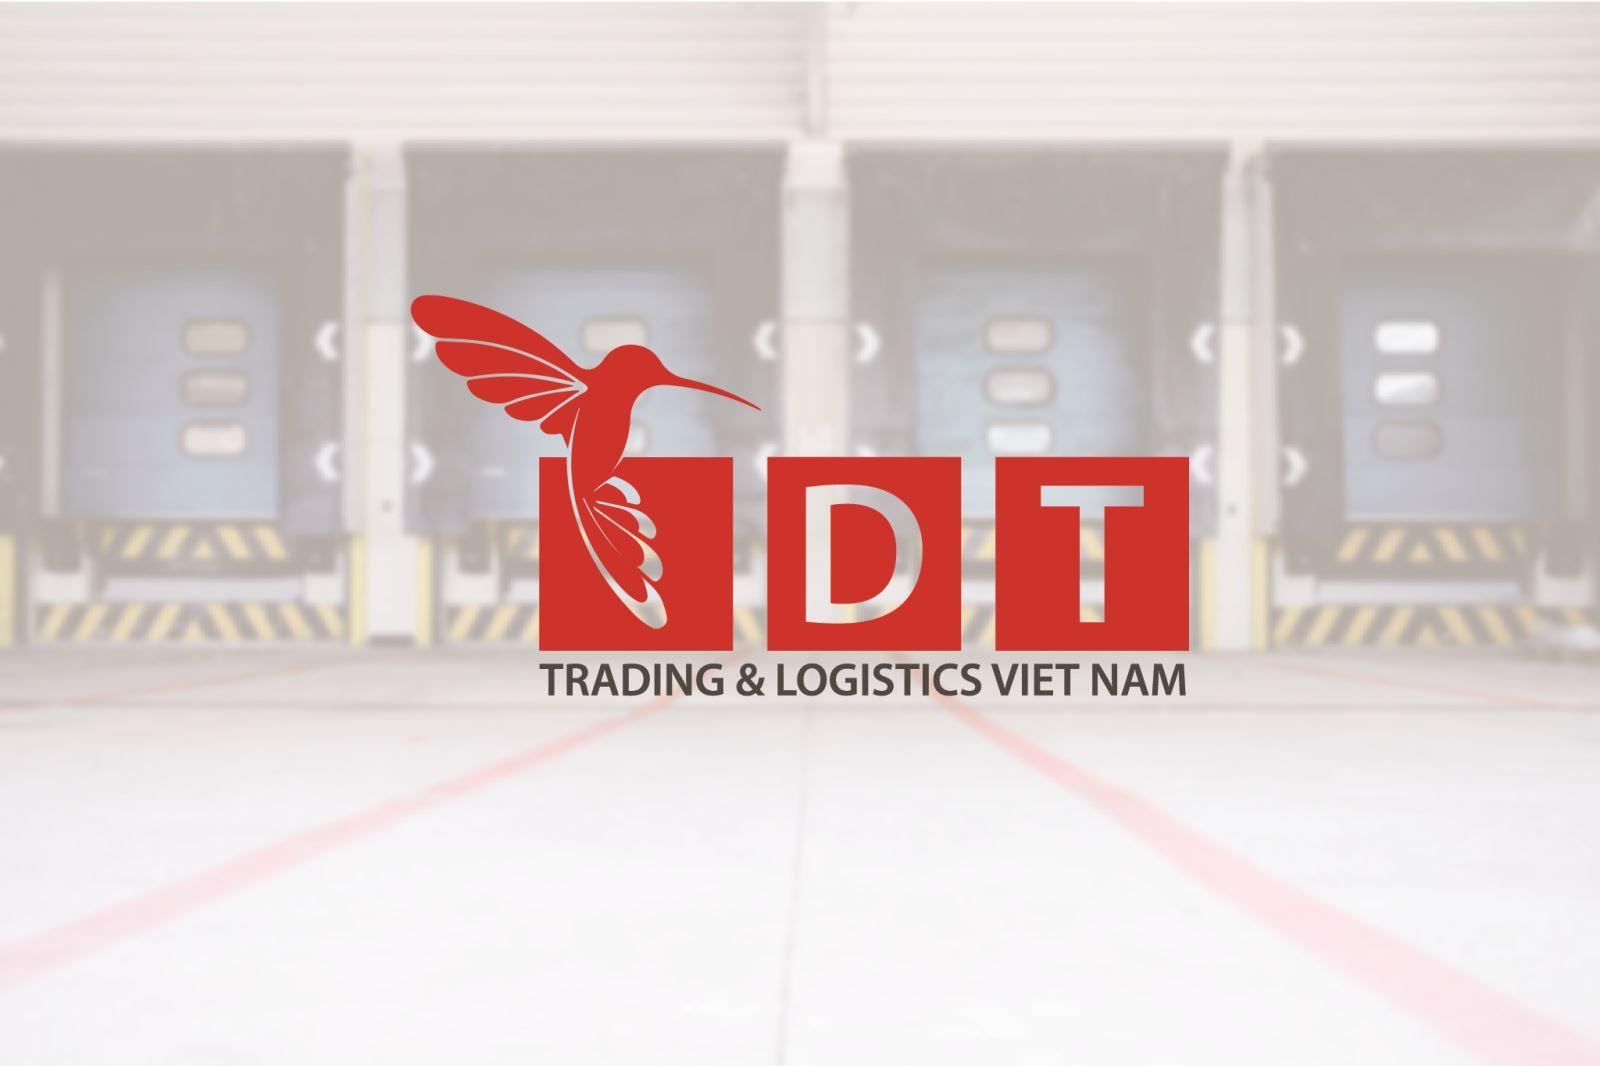 Thiết kế logo thương hiệu Trading and Logistics Dũng Trang